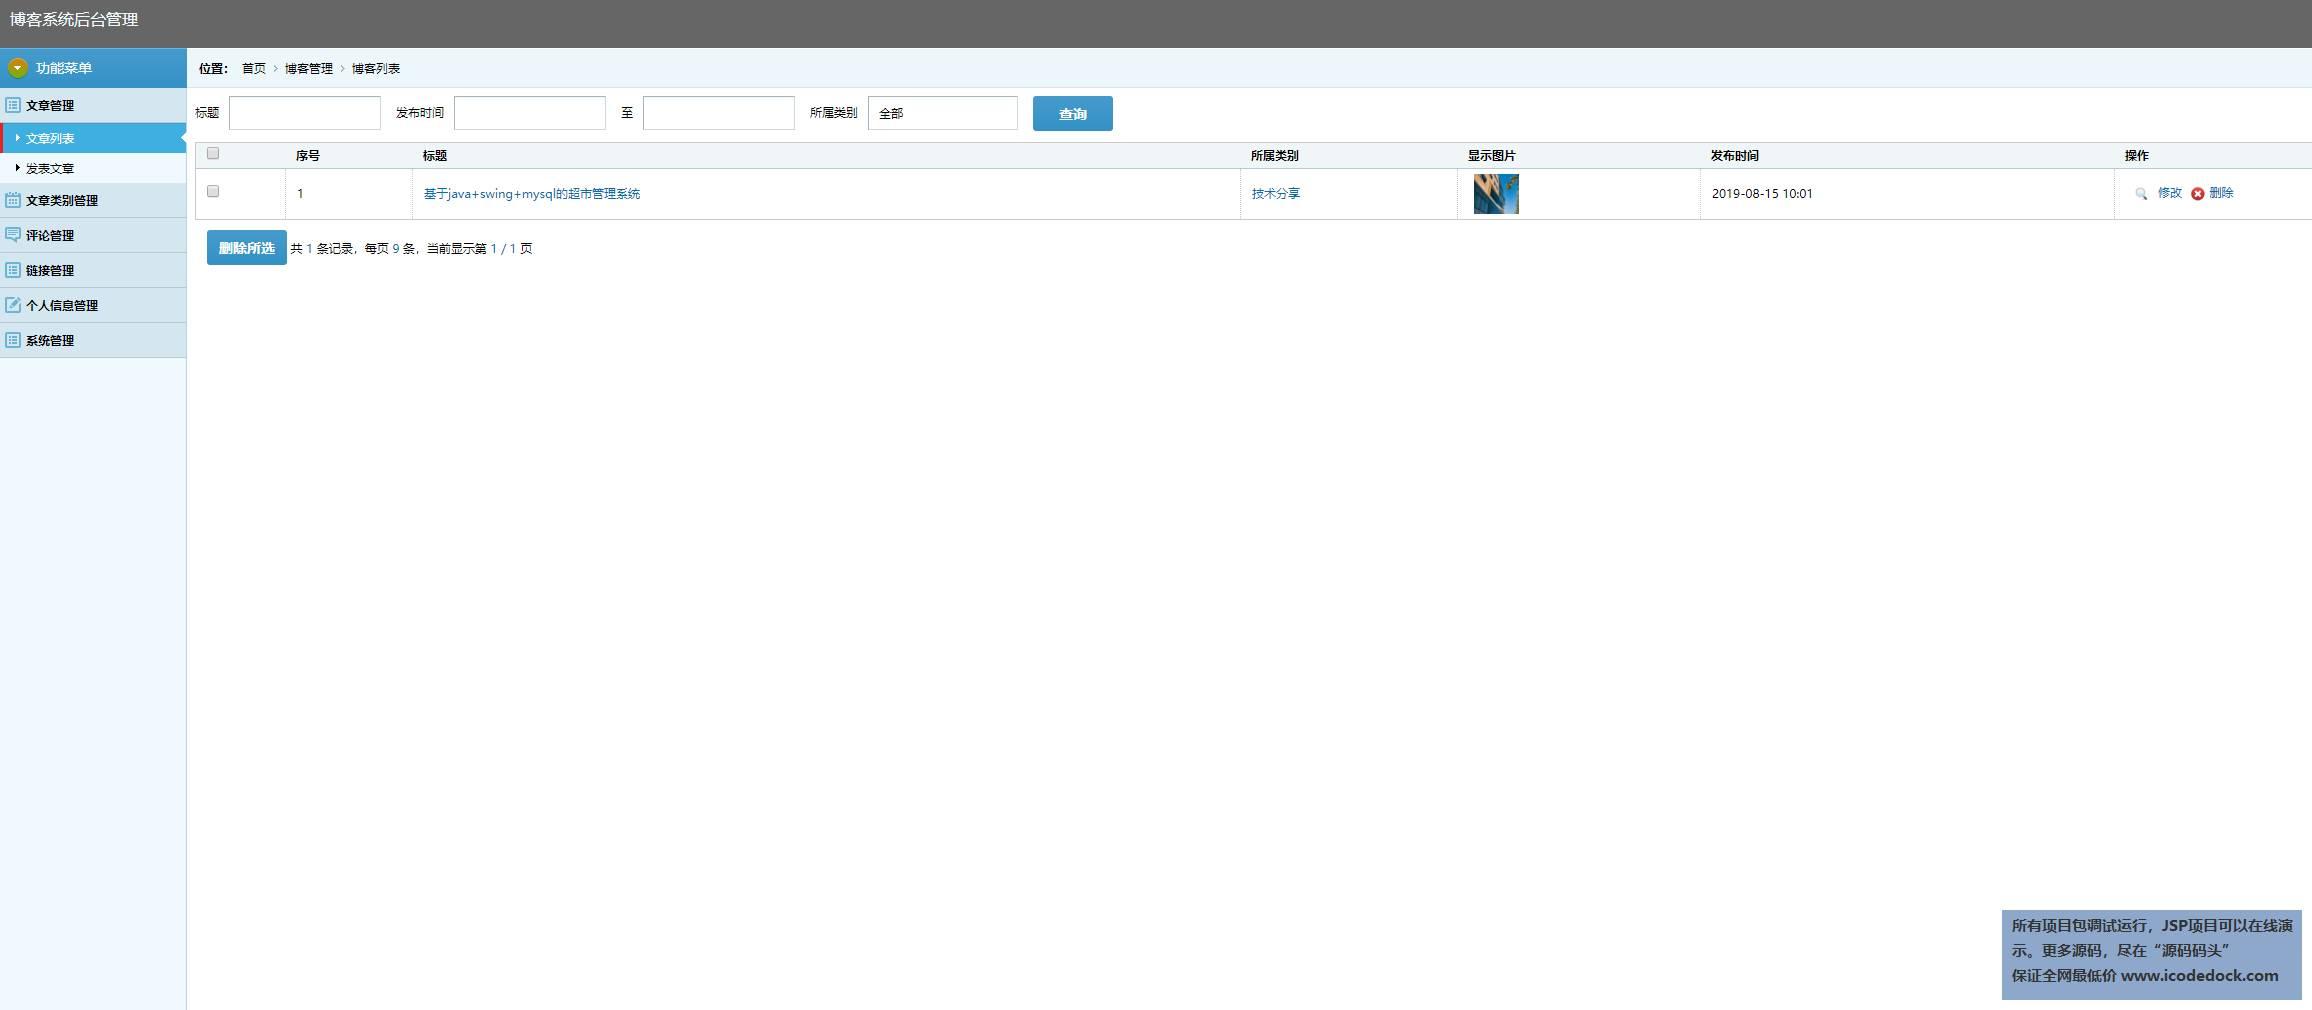 源码码头-SSM个人博客网站管理系统-管理员角色-查看文章